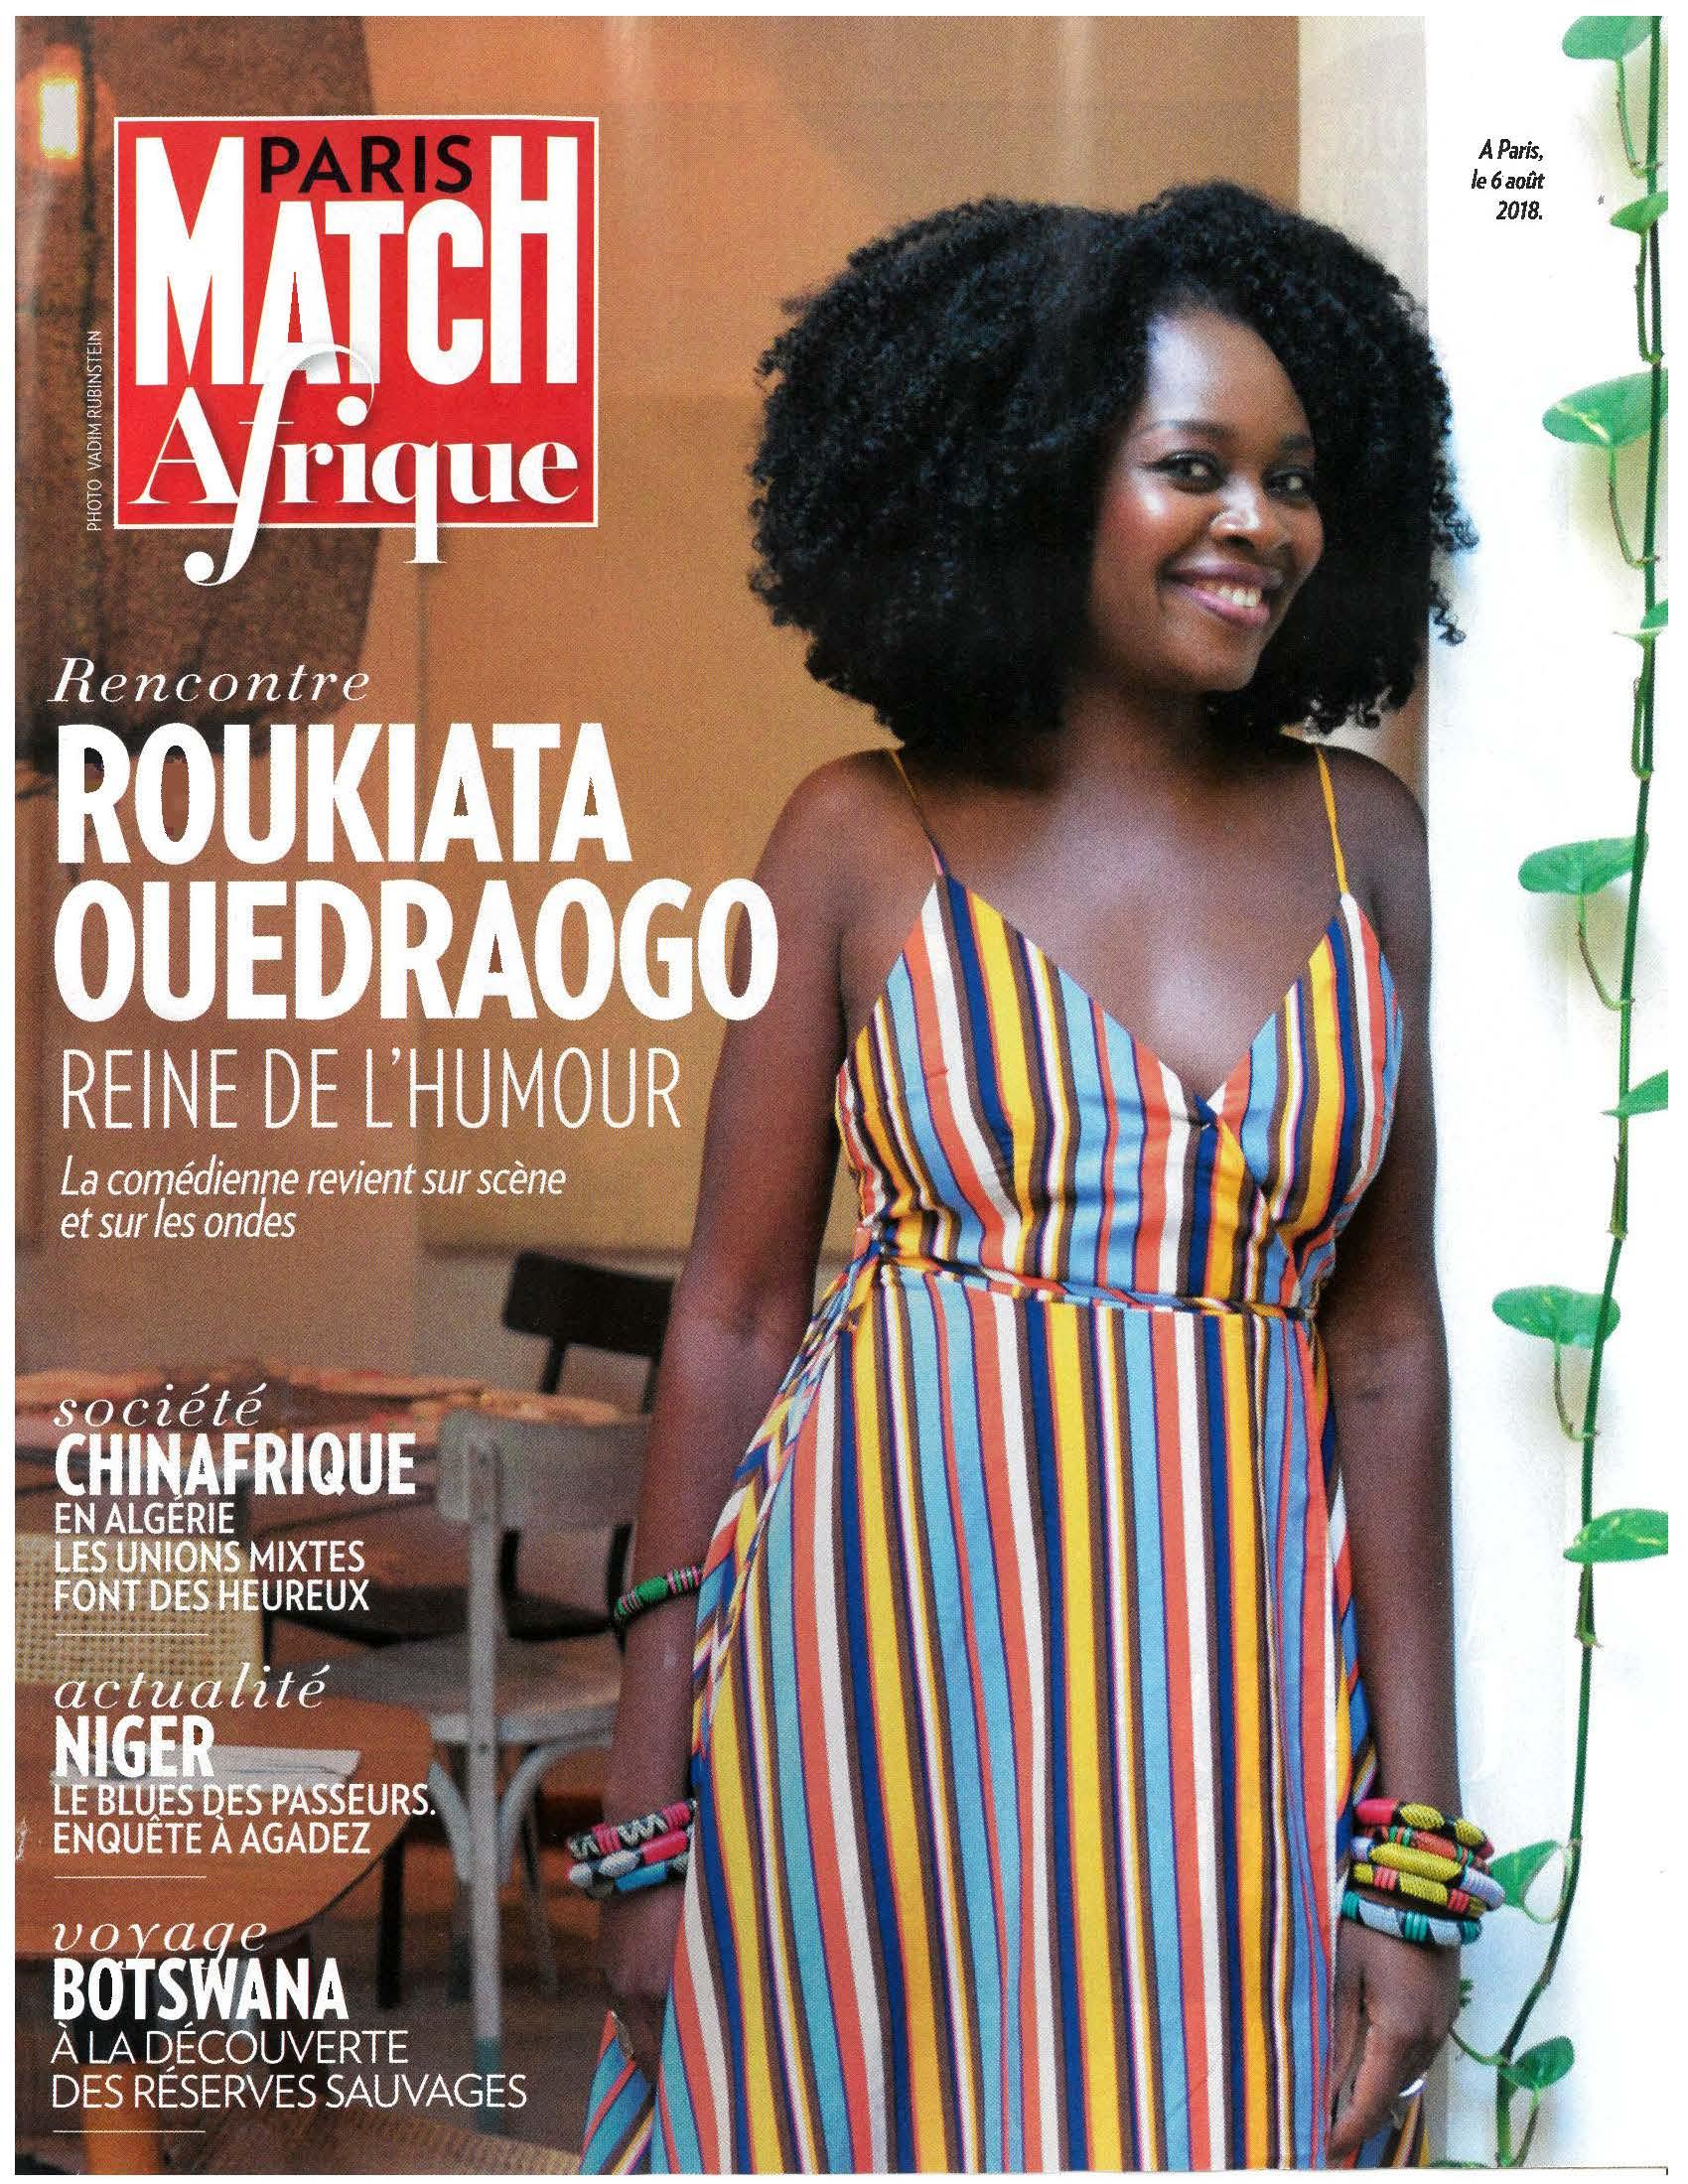 Paris Match Afrique p1-12.09.18